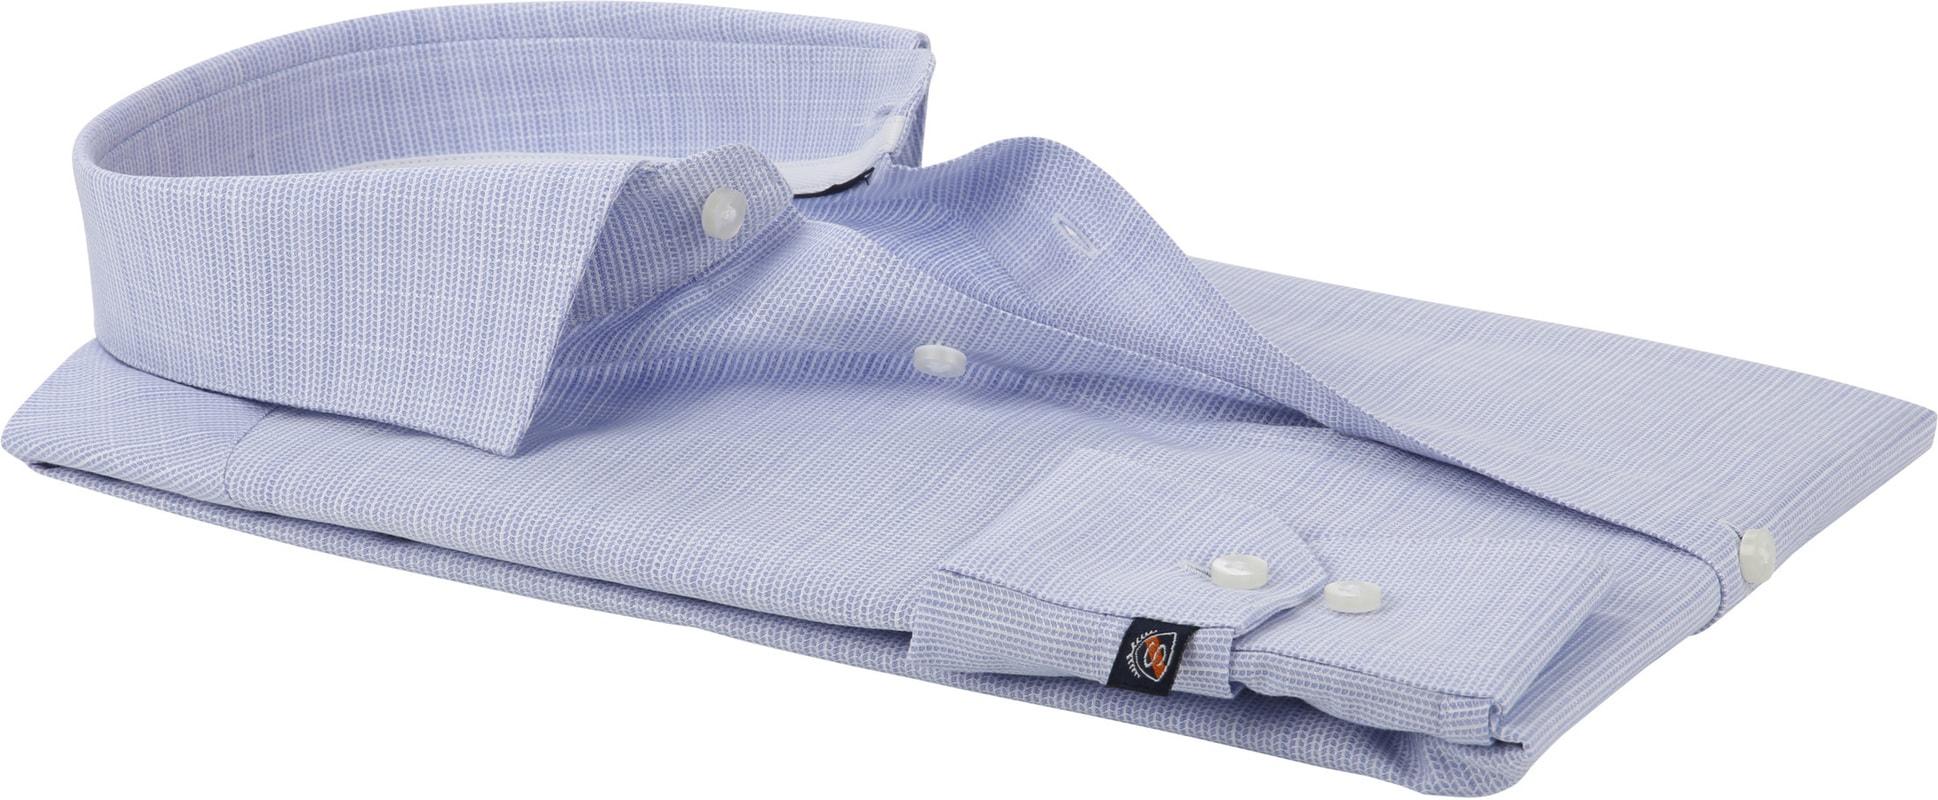 Suitable Overhemd Blauw WS foto 3